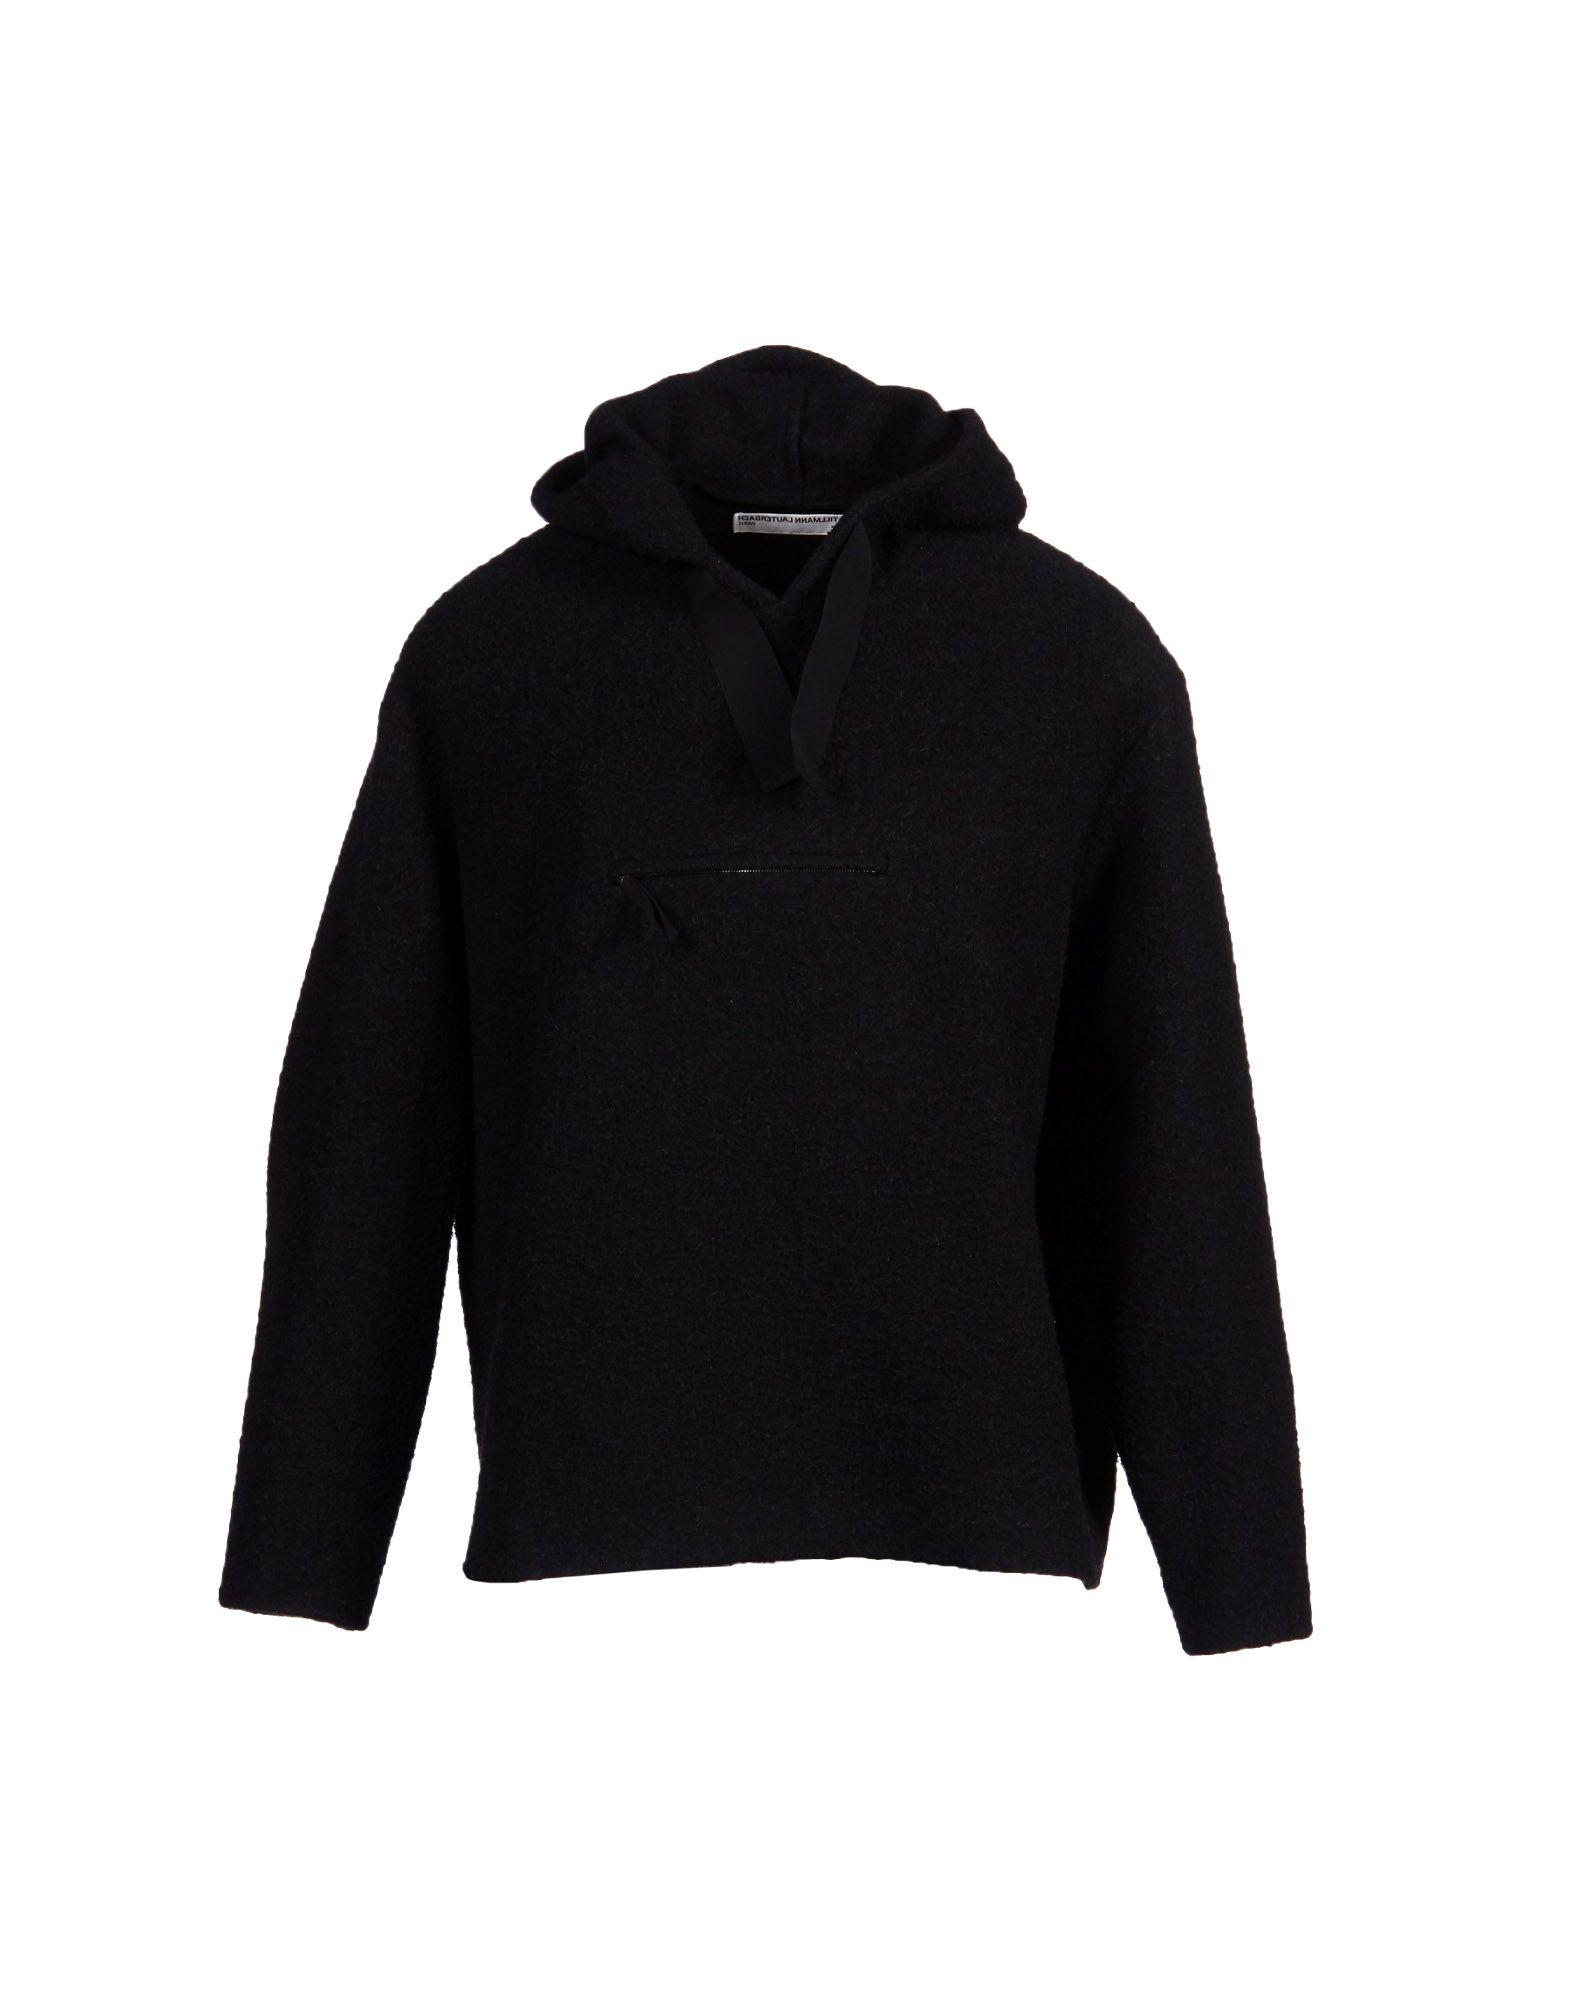 TILLMANN LAUTERBACH Jacket in Black